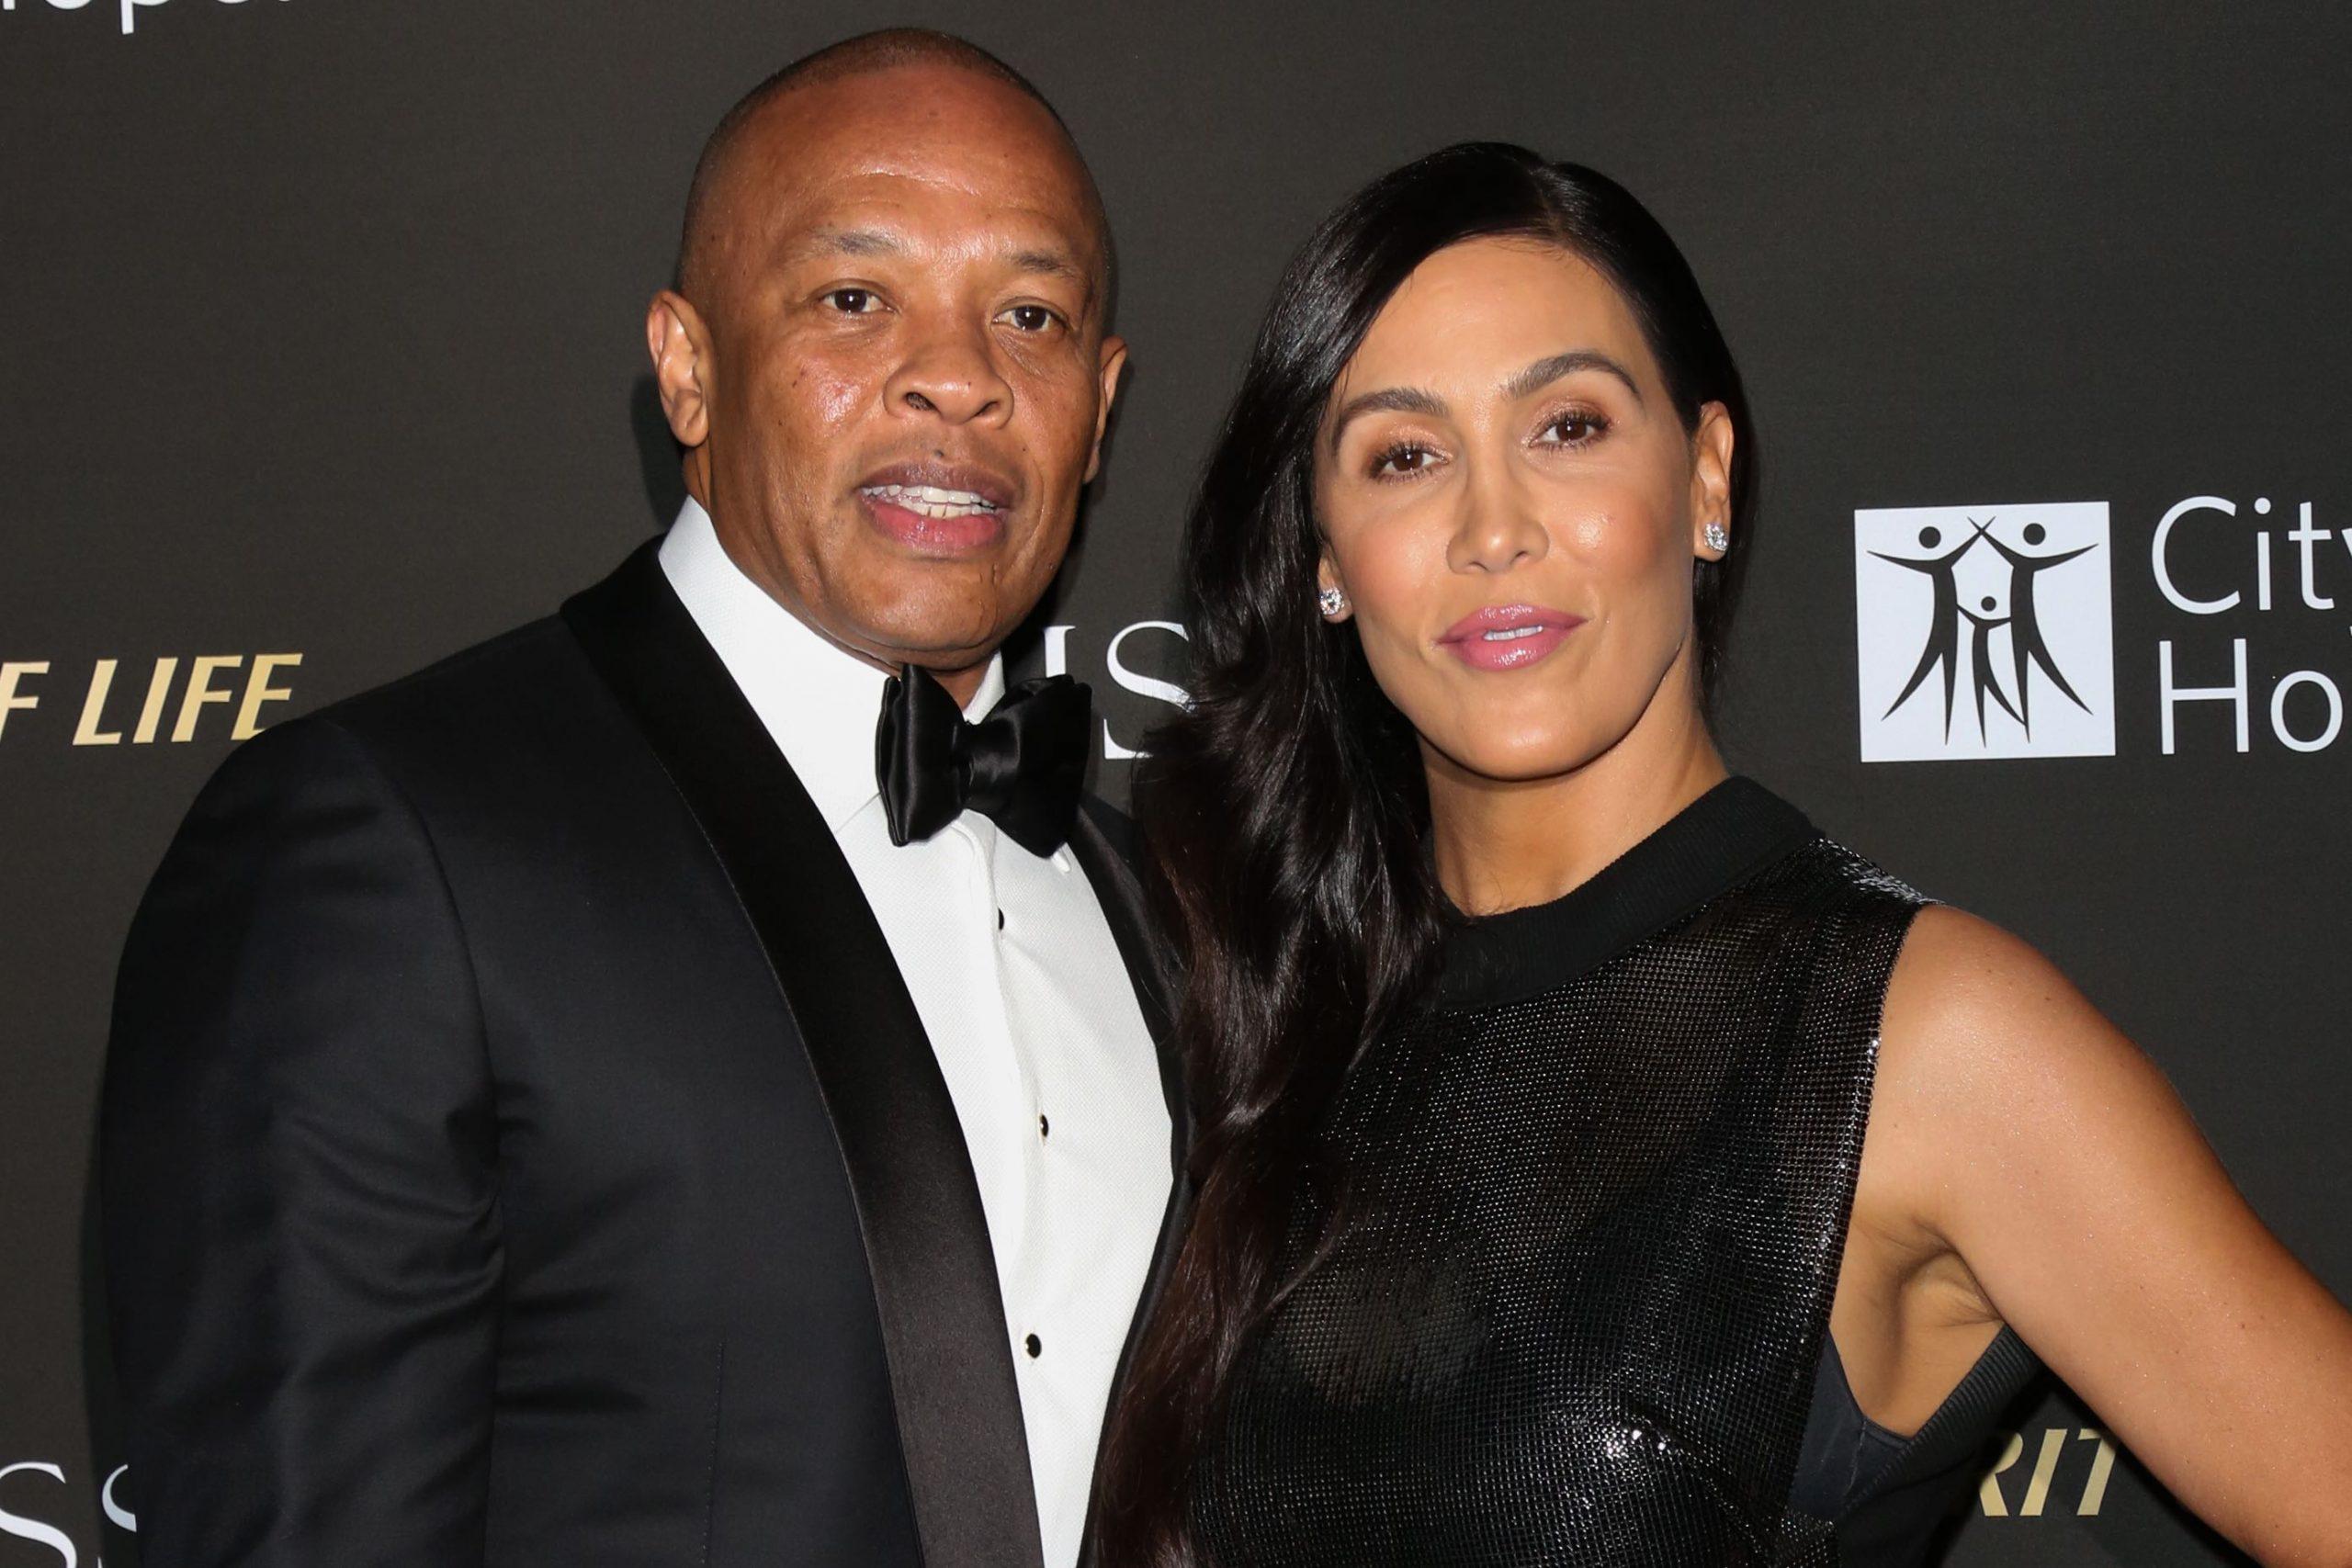 Retournement de situation! Dr Dre a un contrat prénuptial et sa femme qui  demande le divorce l'ignorait